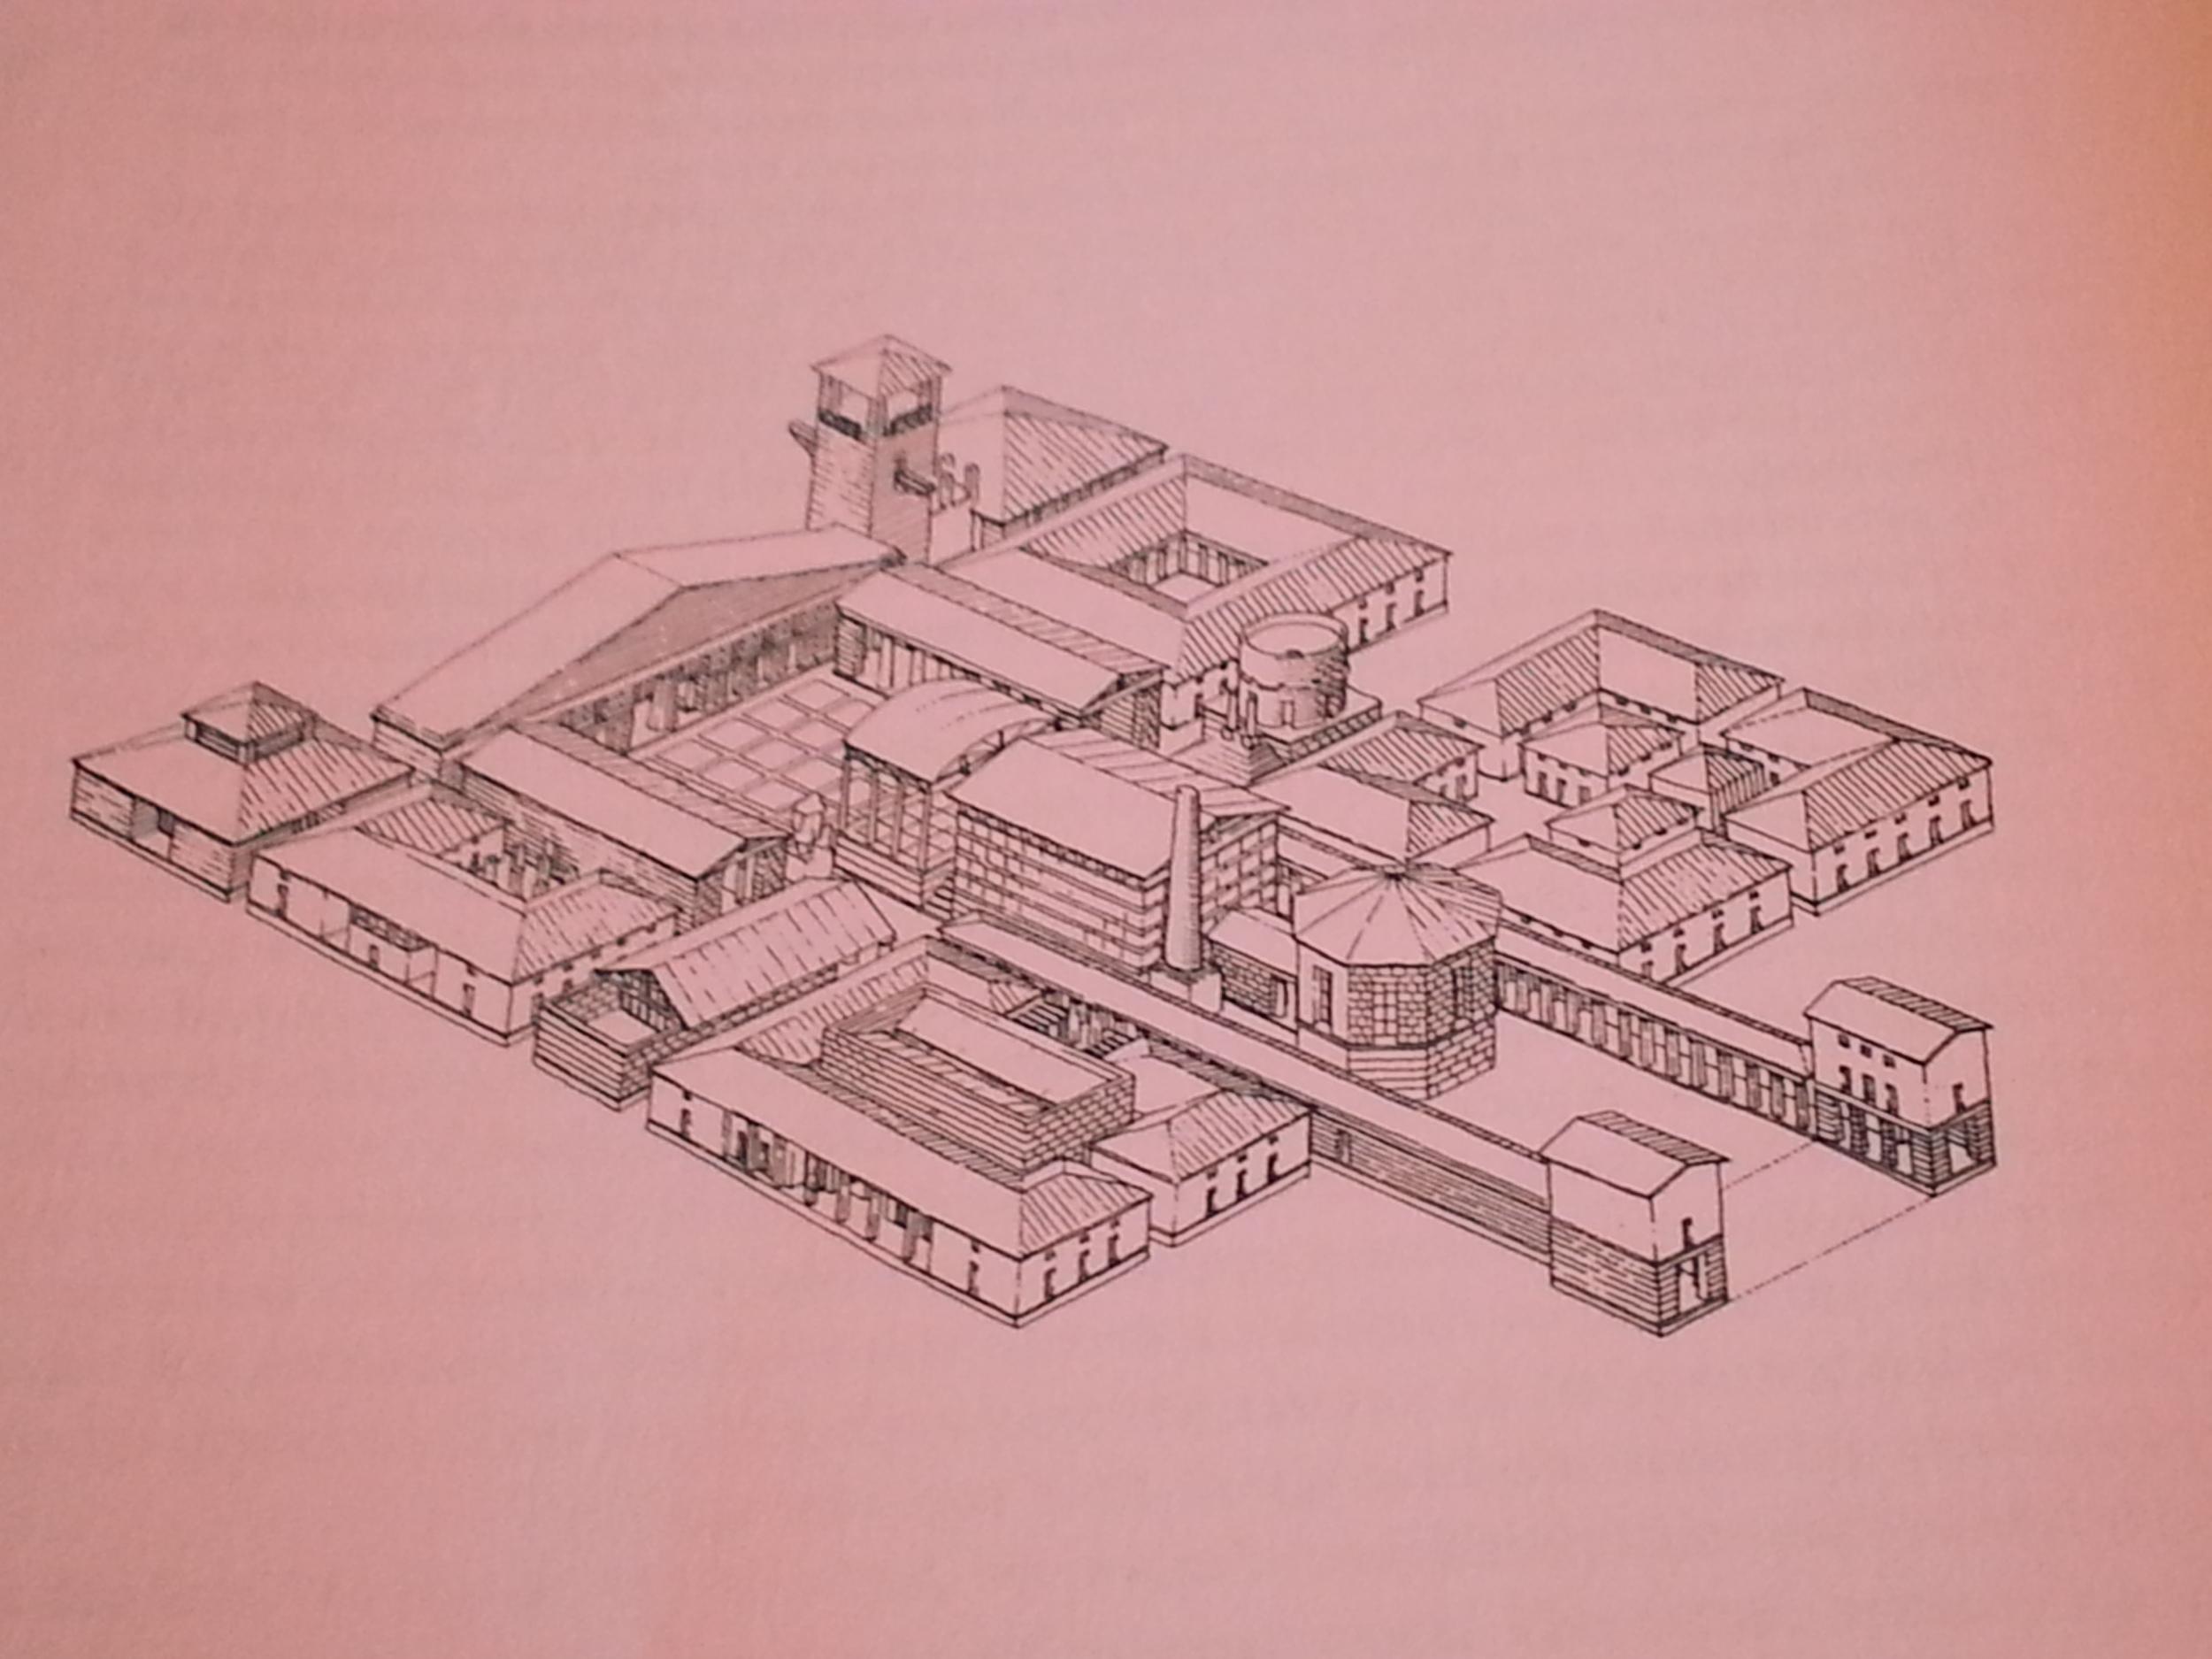 Leon Krier, Sketch of the School at Quentin-en-Yvelines, 1977-1979.